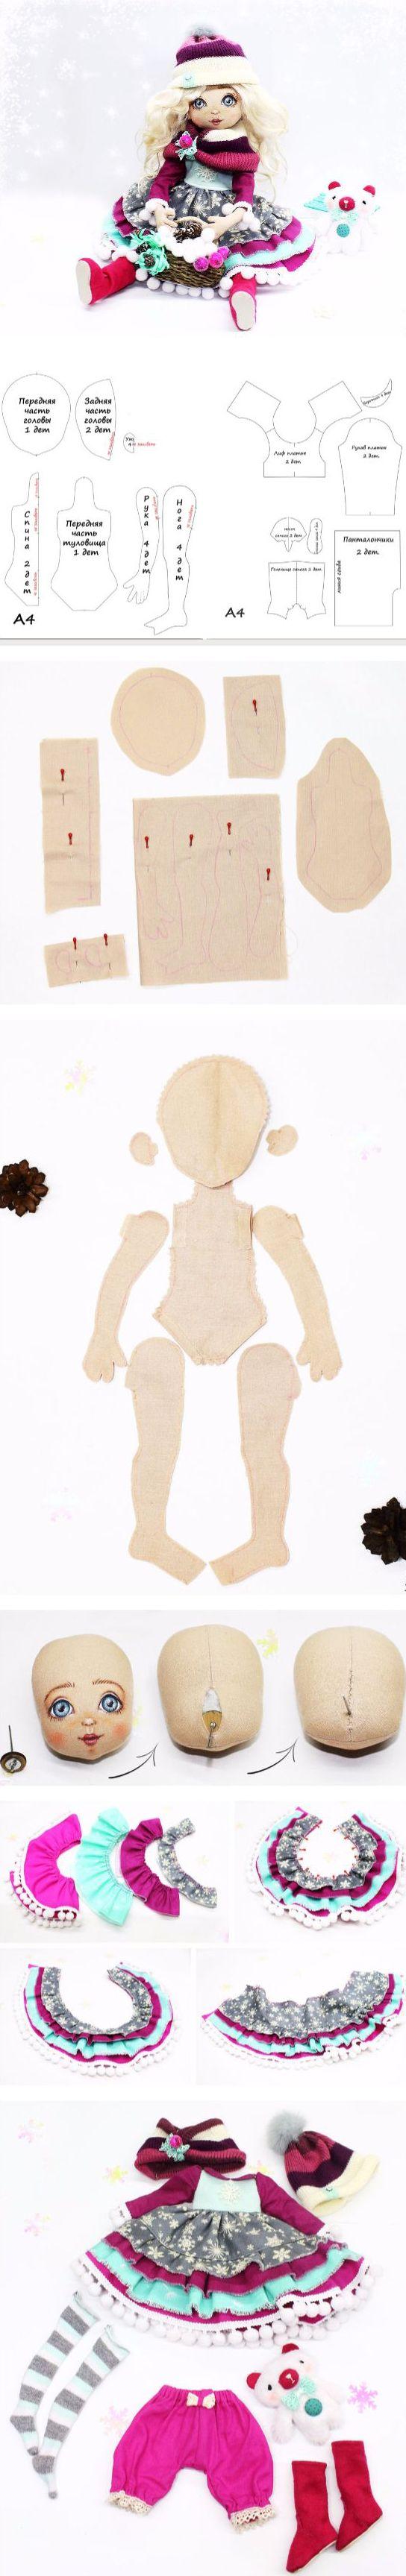 Wie man eine entzückende Stoff-Puppen-Kabel-Winter-Outfit erstellt. Klicken Sie auf das Bild, um Schritt-für-Schritt-Tutorial anzuzeigen